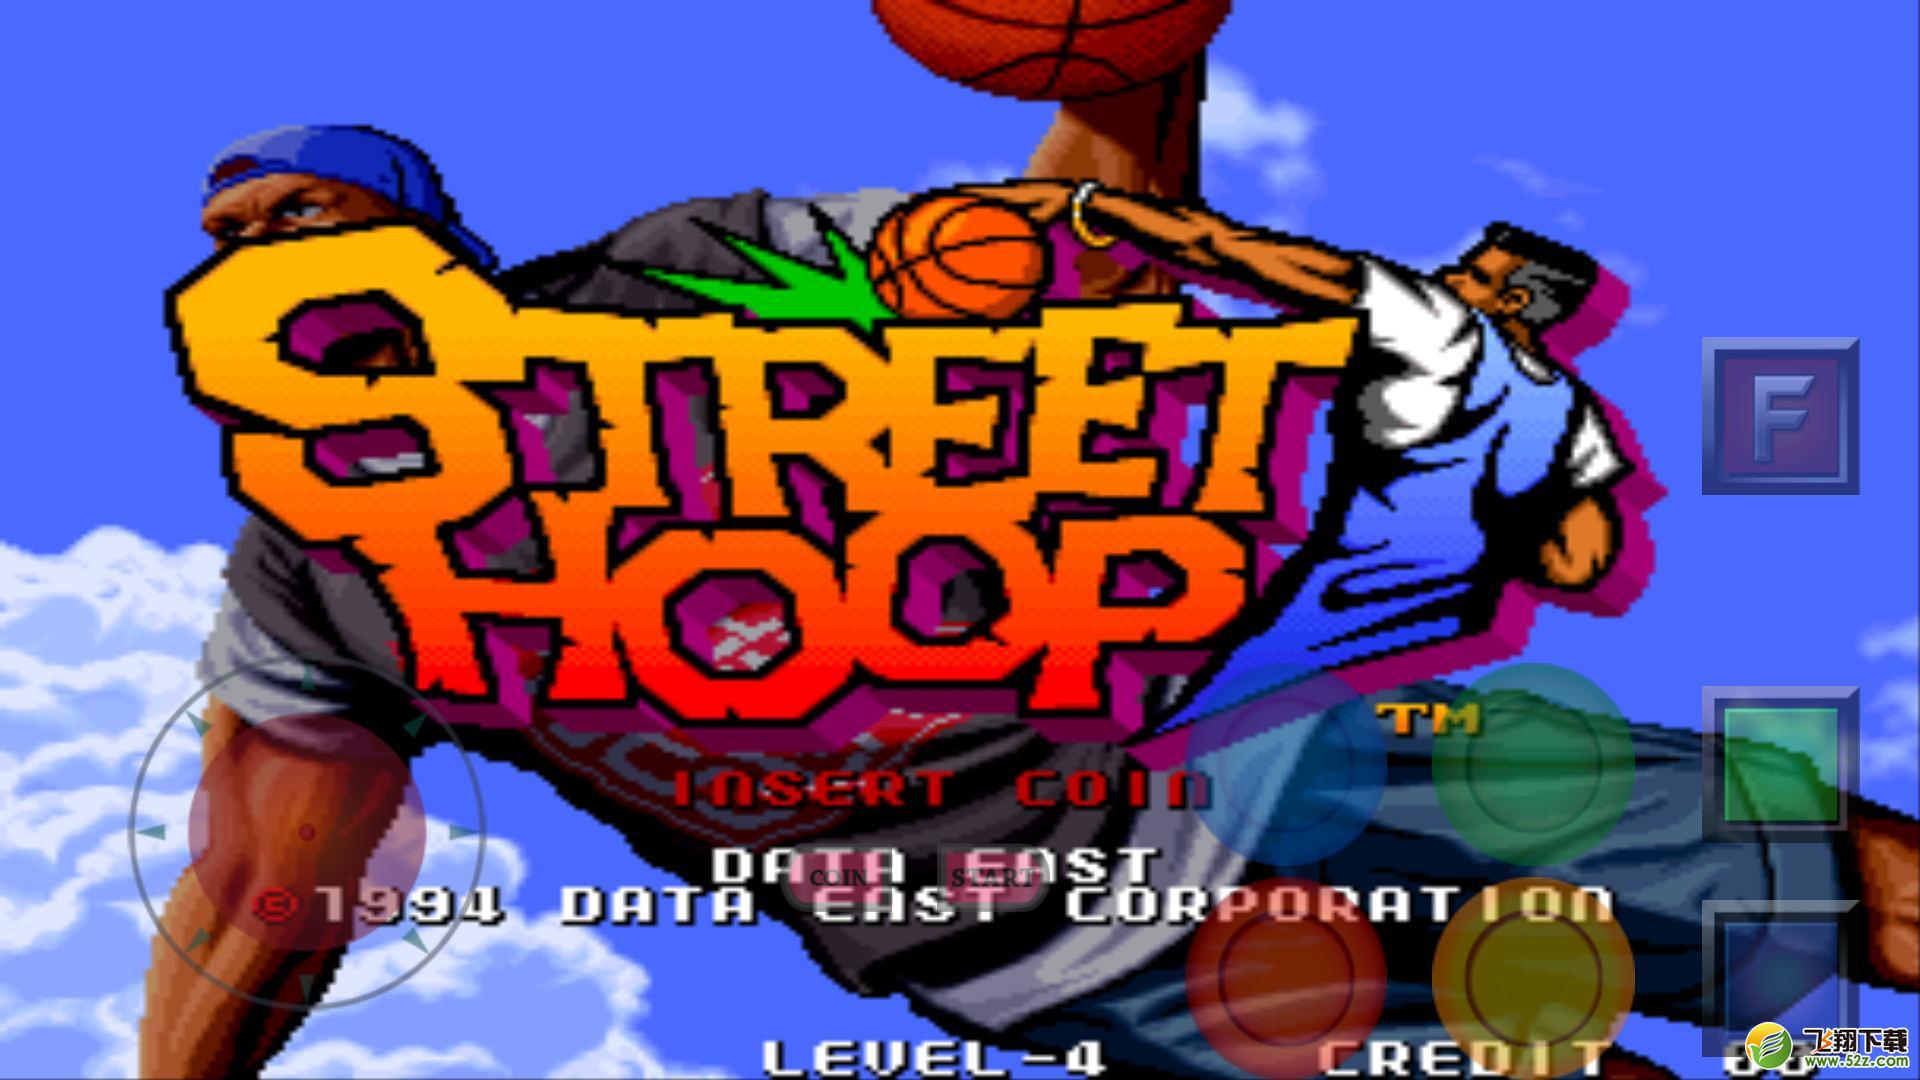 梦幻篮球赛 v63.0 电脑版图片